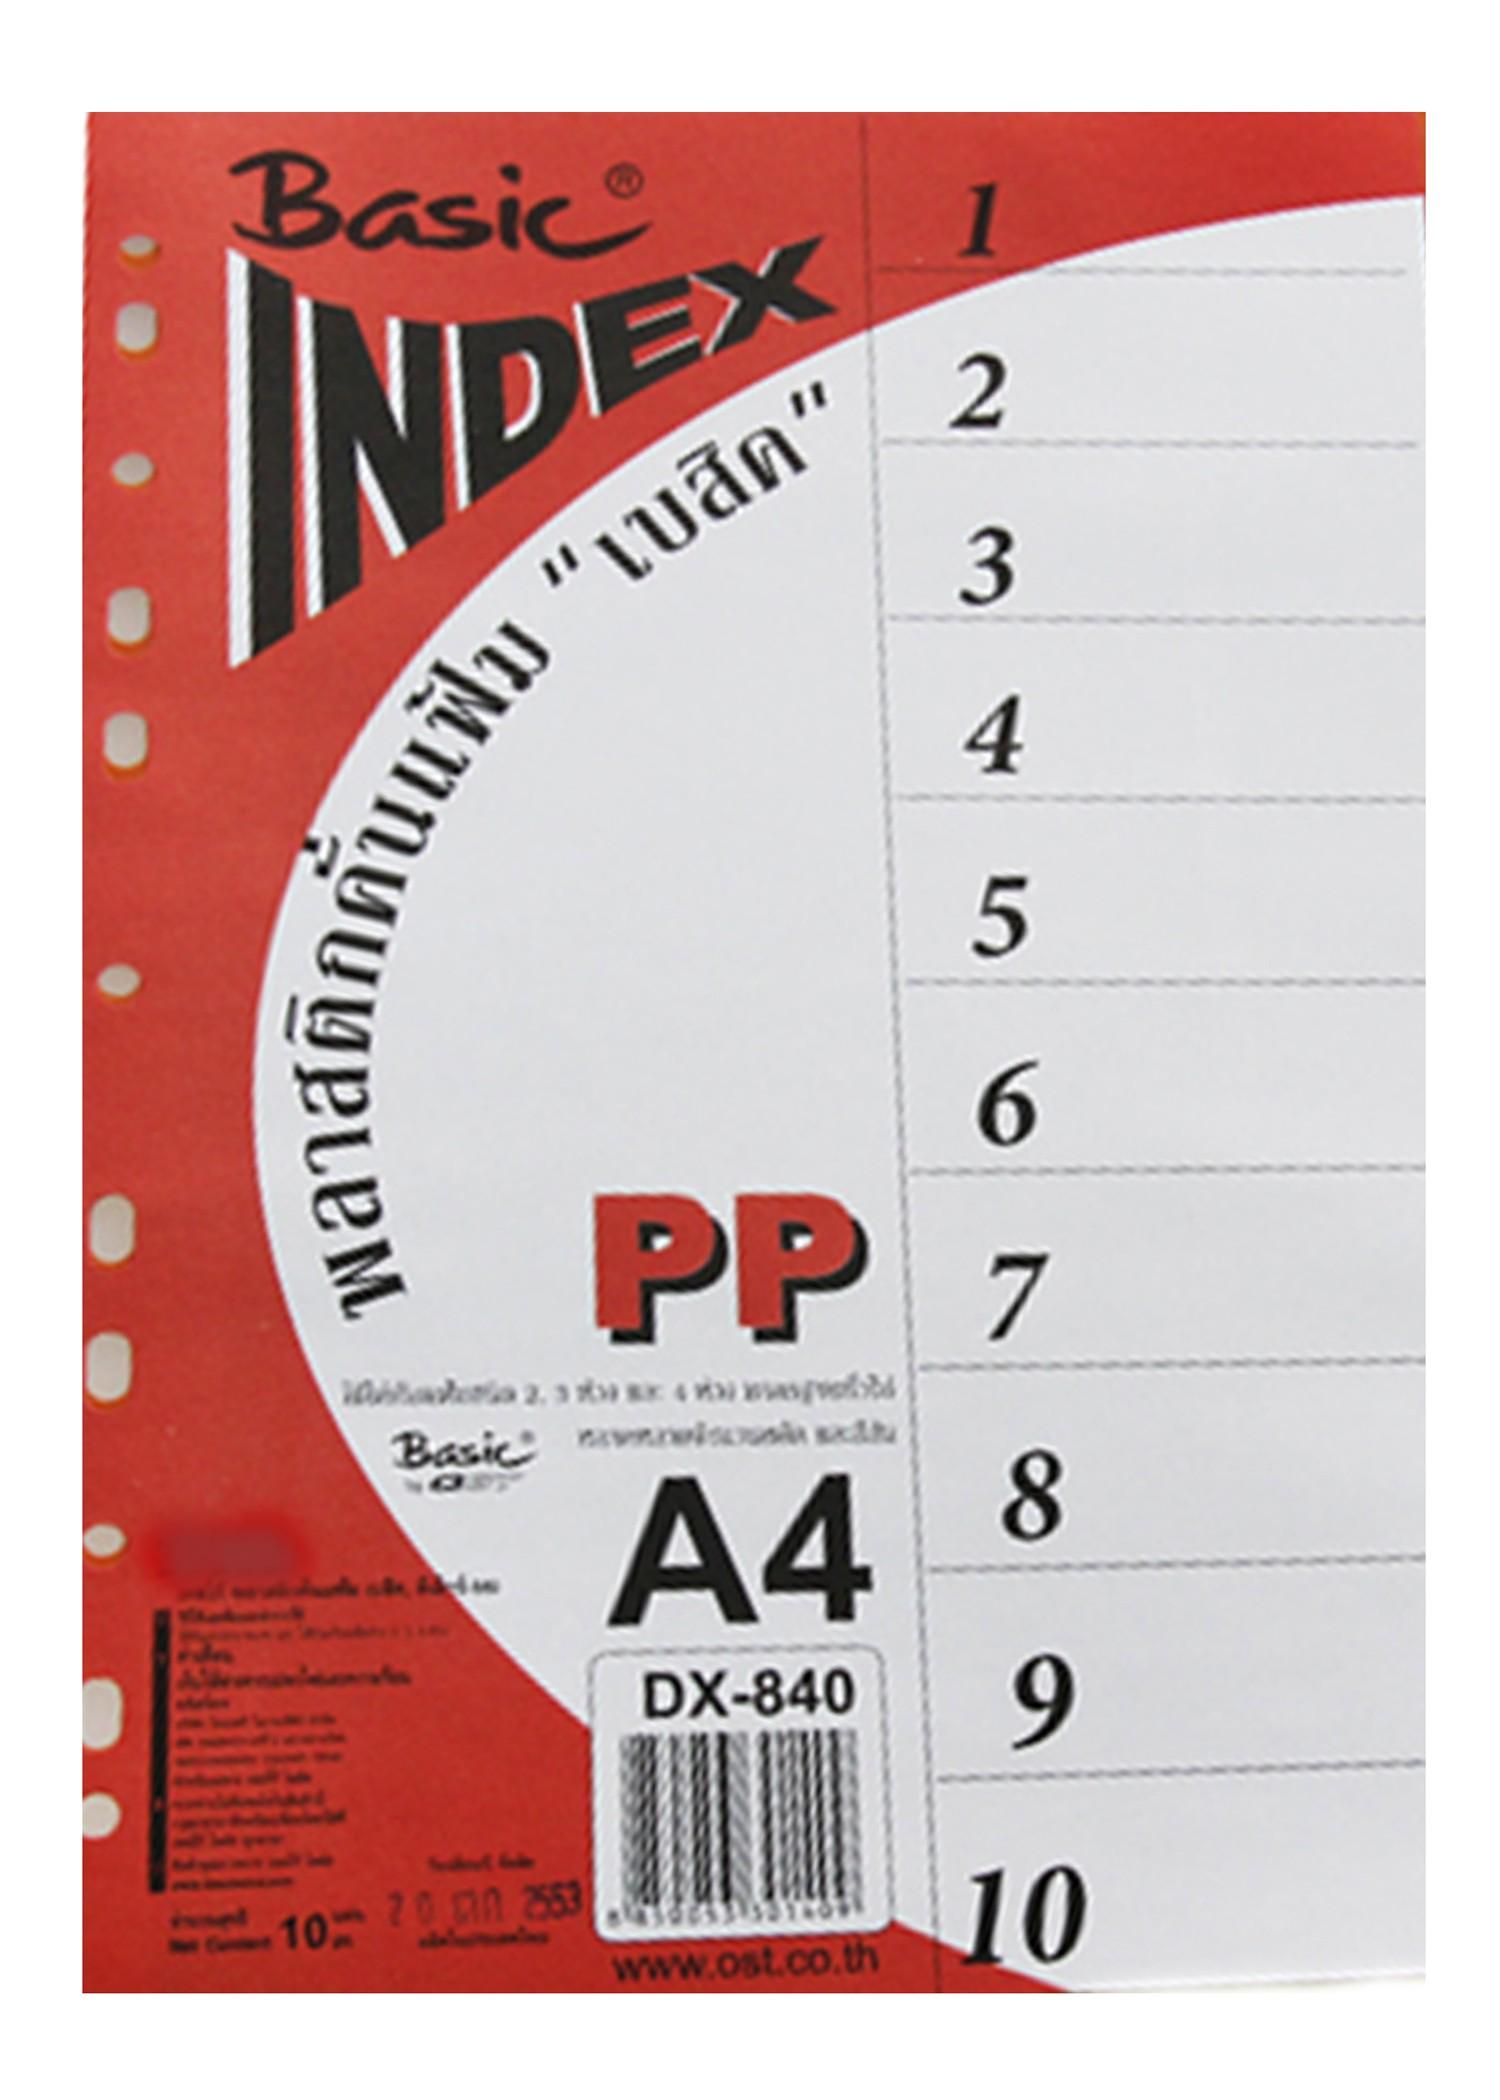 อินเด็กซ์พลาสติก 10 หยัก Intop DX-840